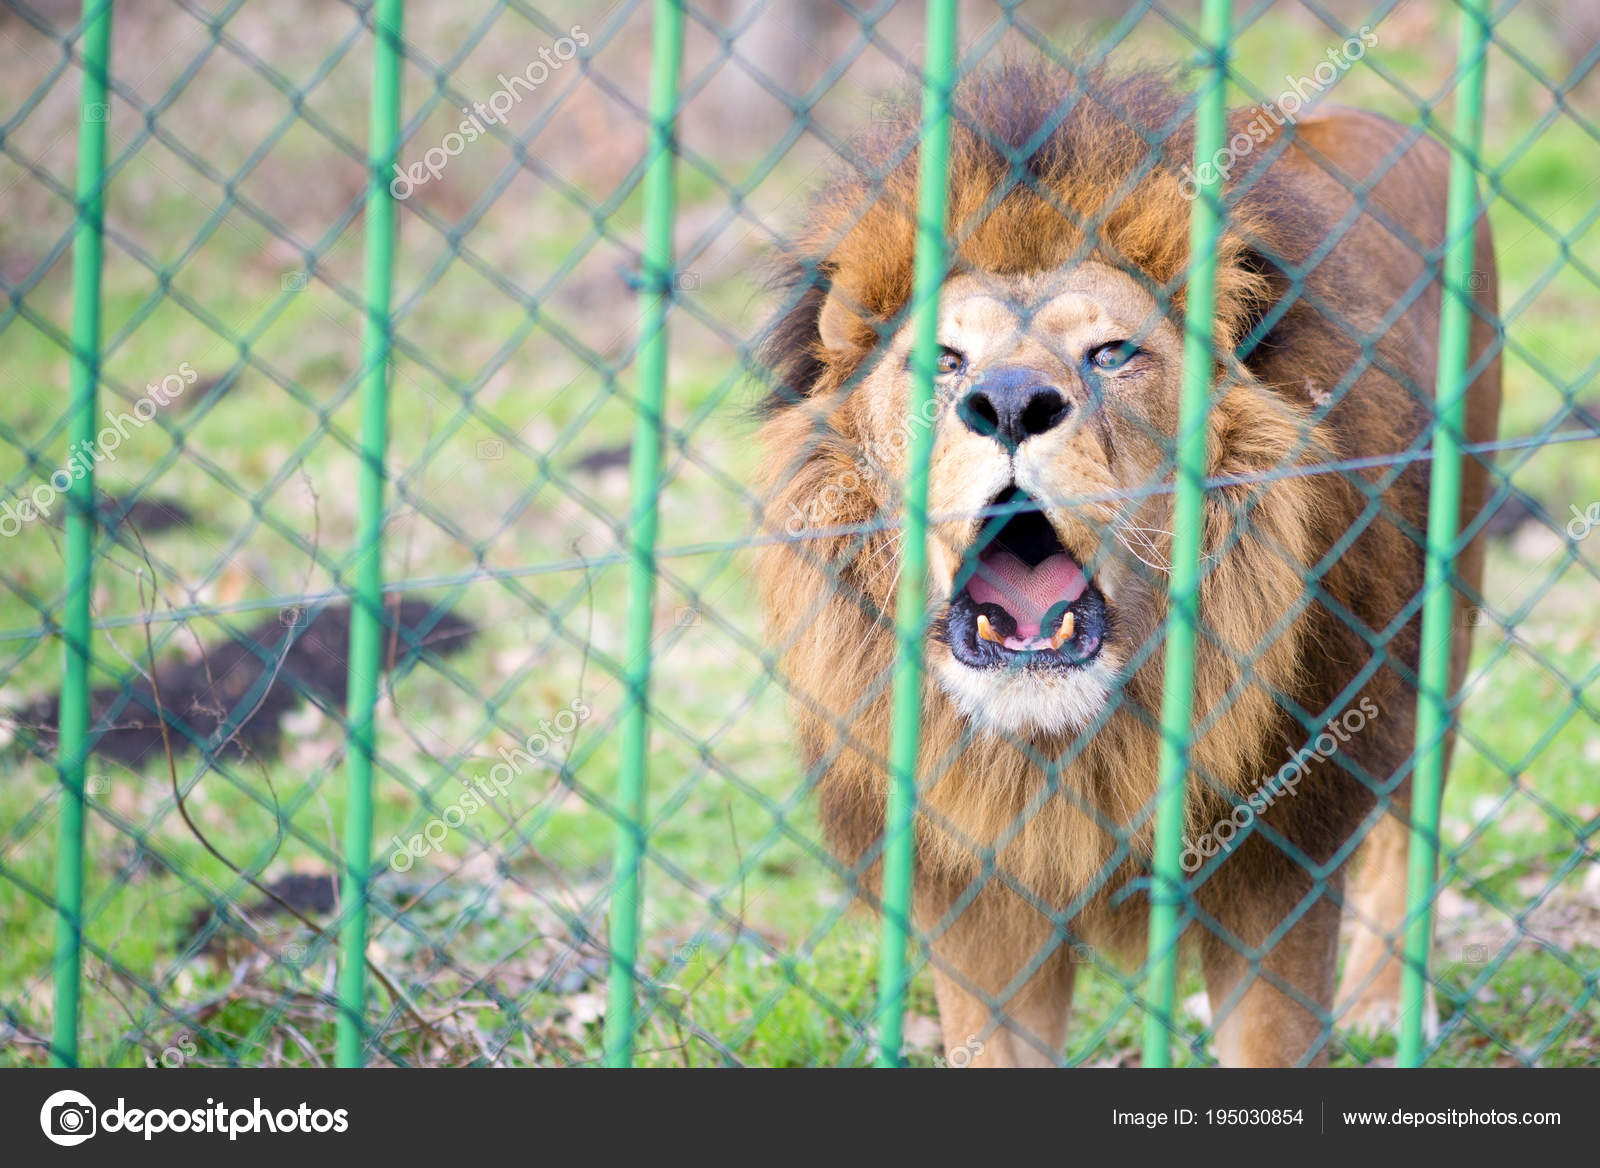 Innenarchitektur Loewe Zaun Referenz Von Löwe Zoo Hinter Dem — Stockfoto